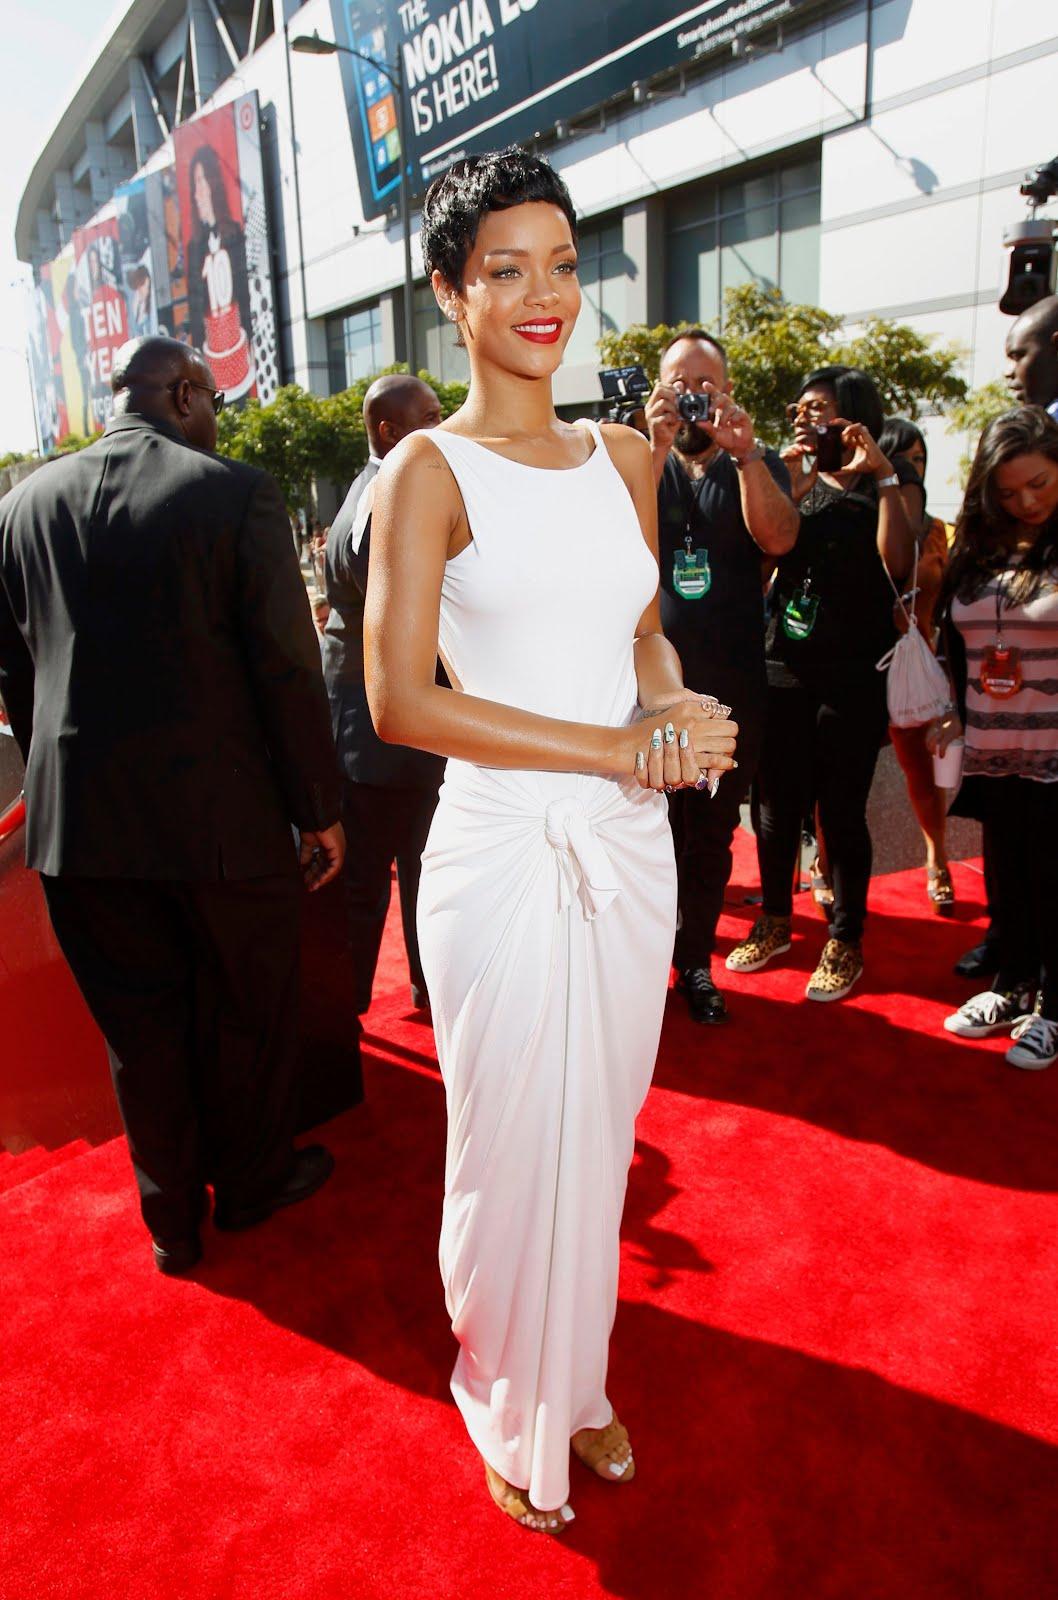 http://4.bp.blogspot.com/-VwyZhGr6Gpw/UElOlHcchgI/AAAAAAAAMqU/GR2_Mzw1_Ww/s1600/Rihanna-en-MTV-Video-Music-Awards-2012-1.JPG